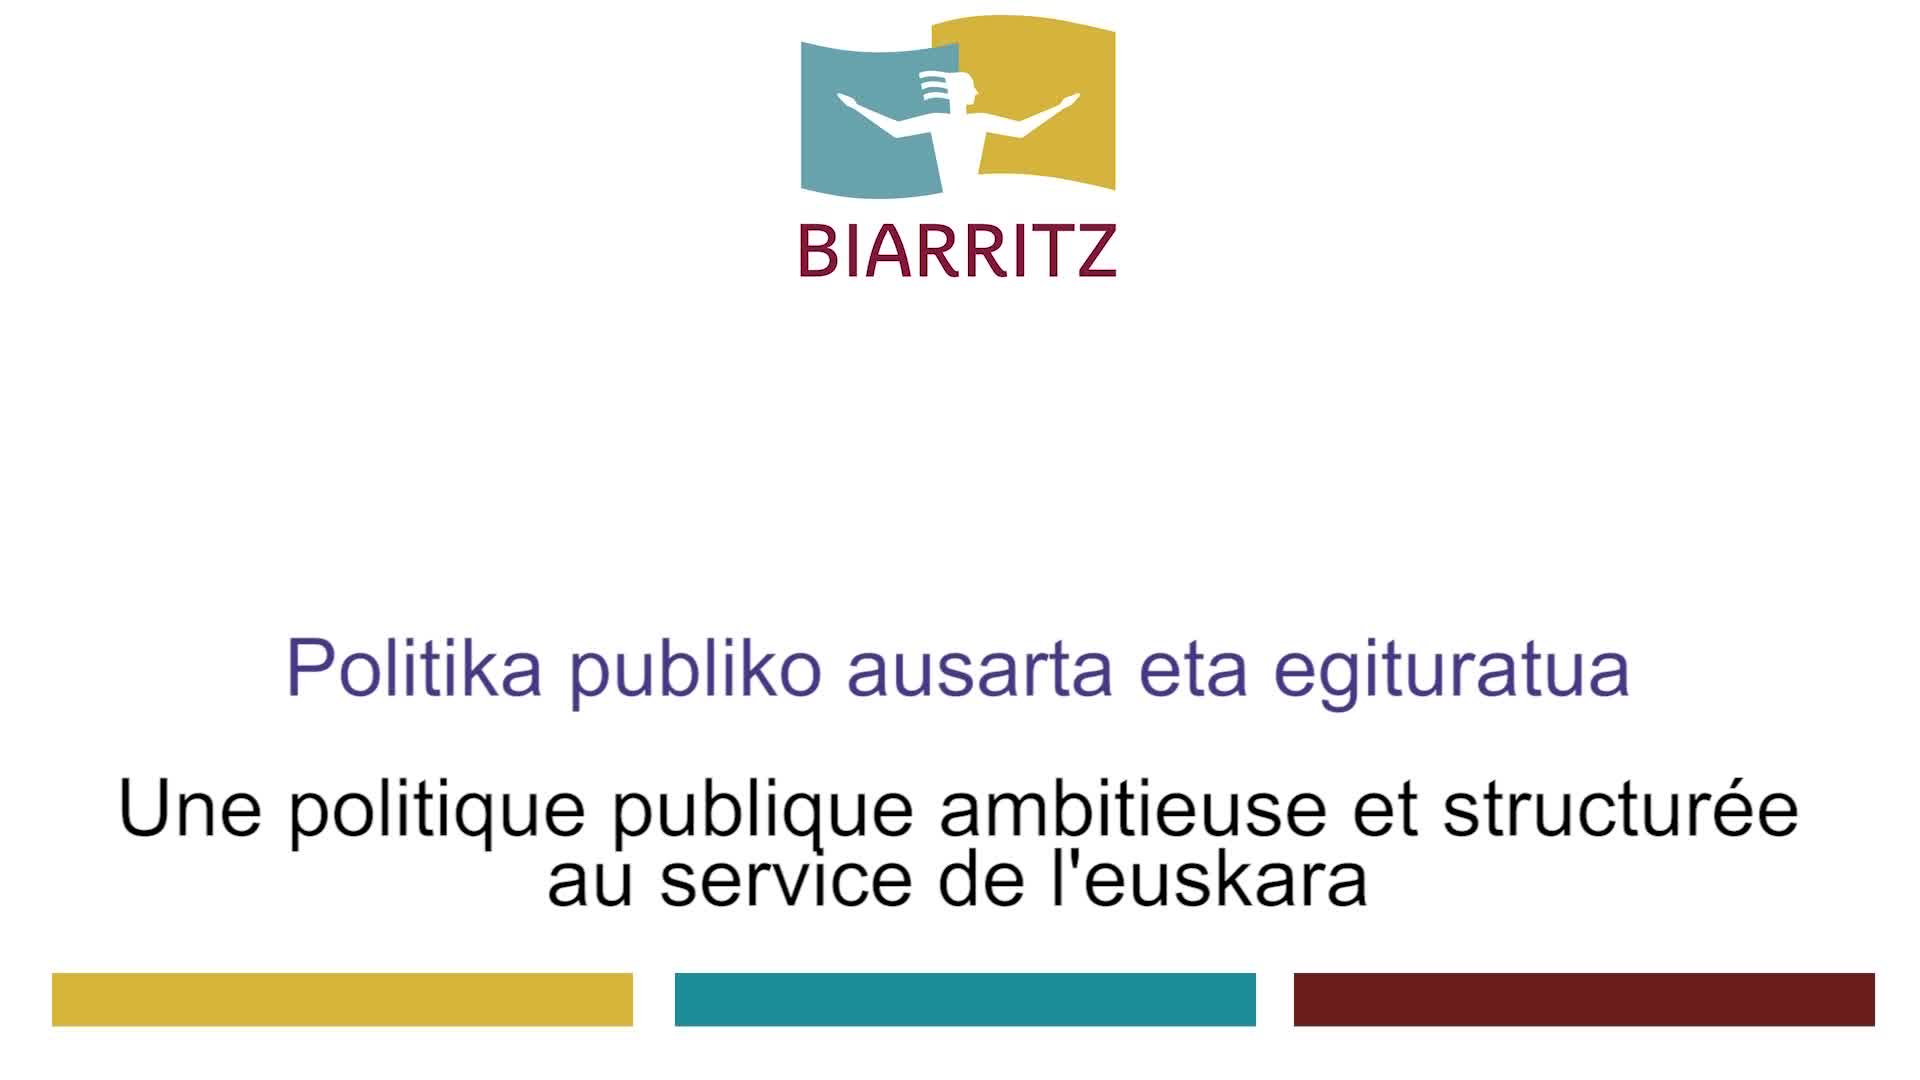 Ikuspegi soziologiko bat, euskararen gaiari buruz- Eguzki Urteaga